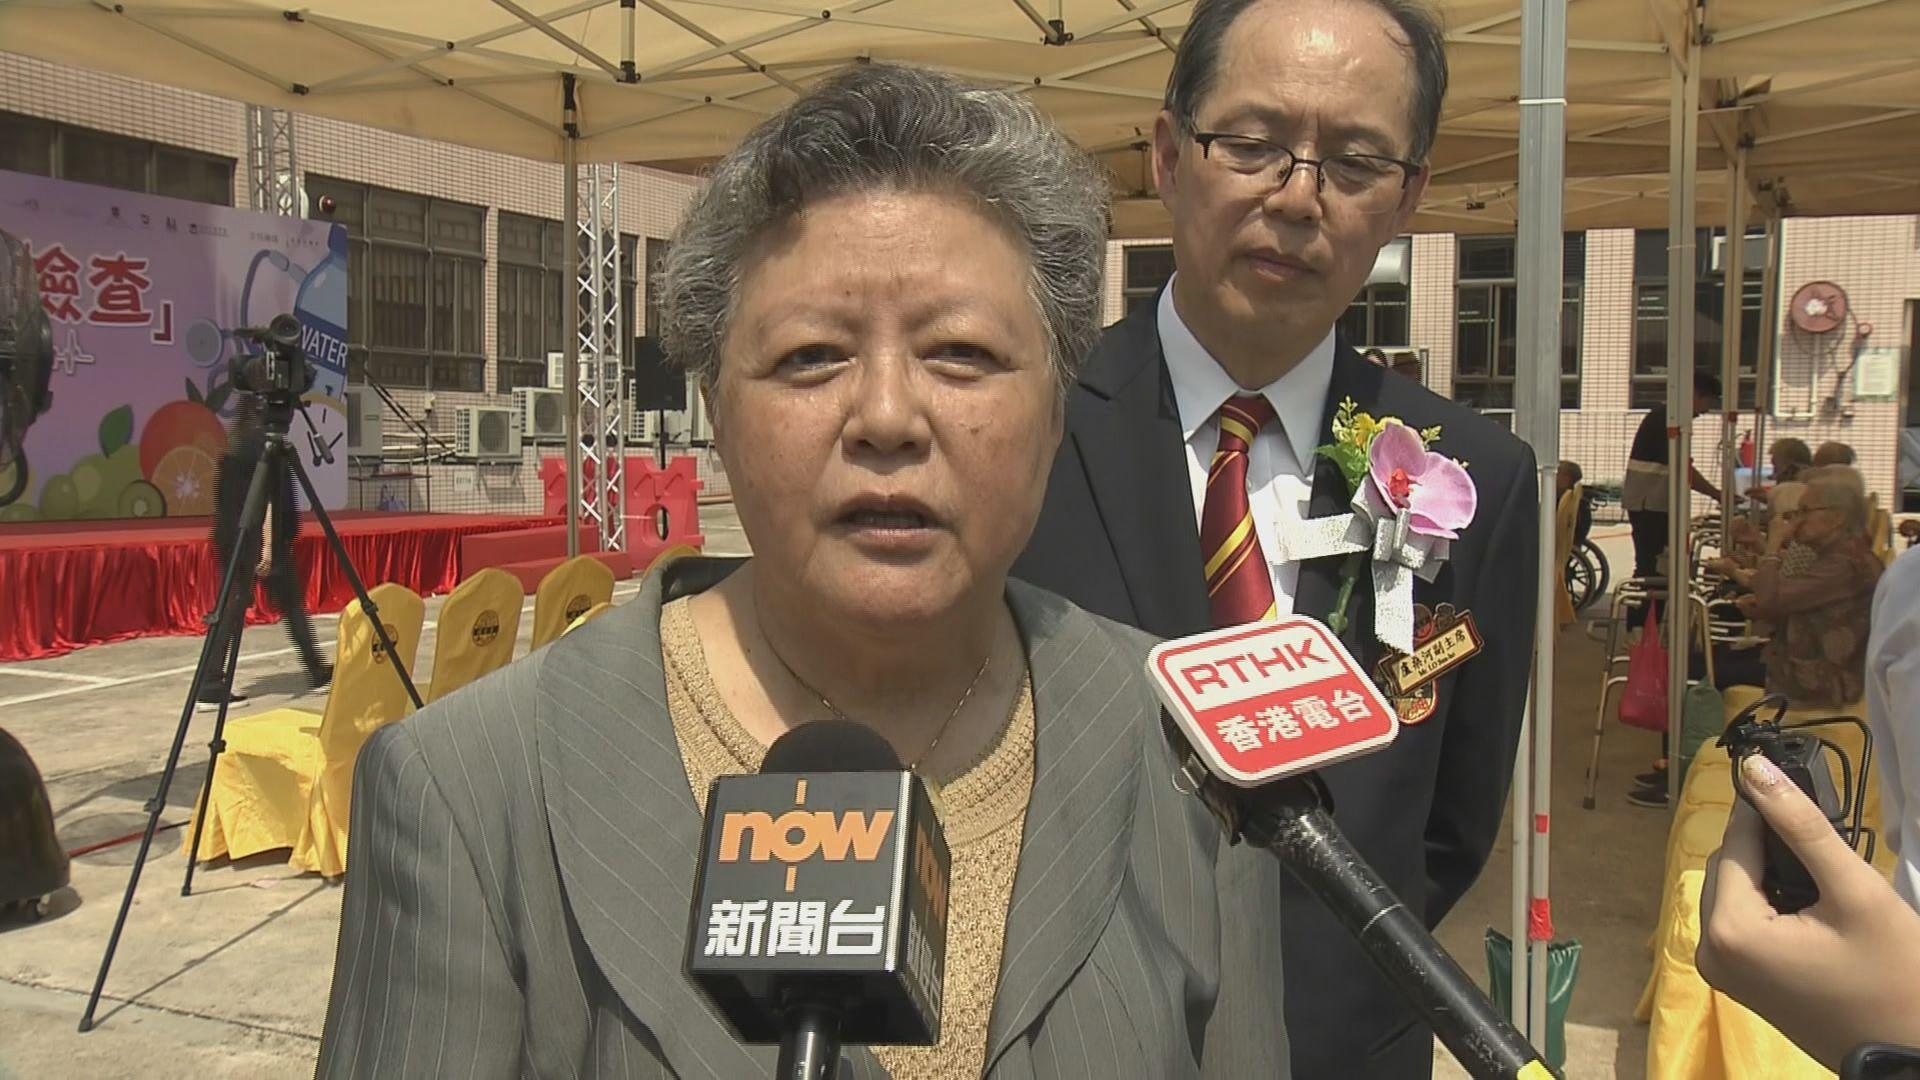 范徐麗泰:其他鼓吹港獨政黨亦應被取締